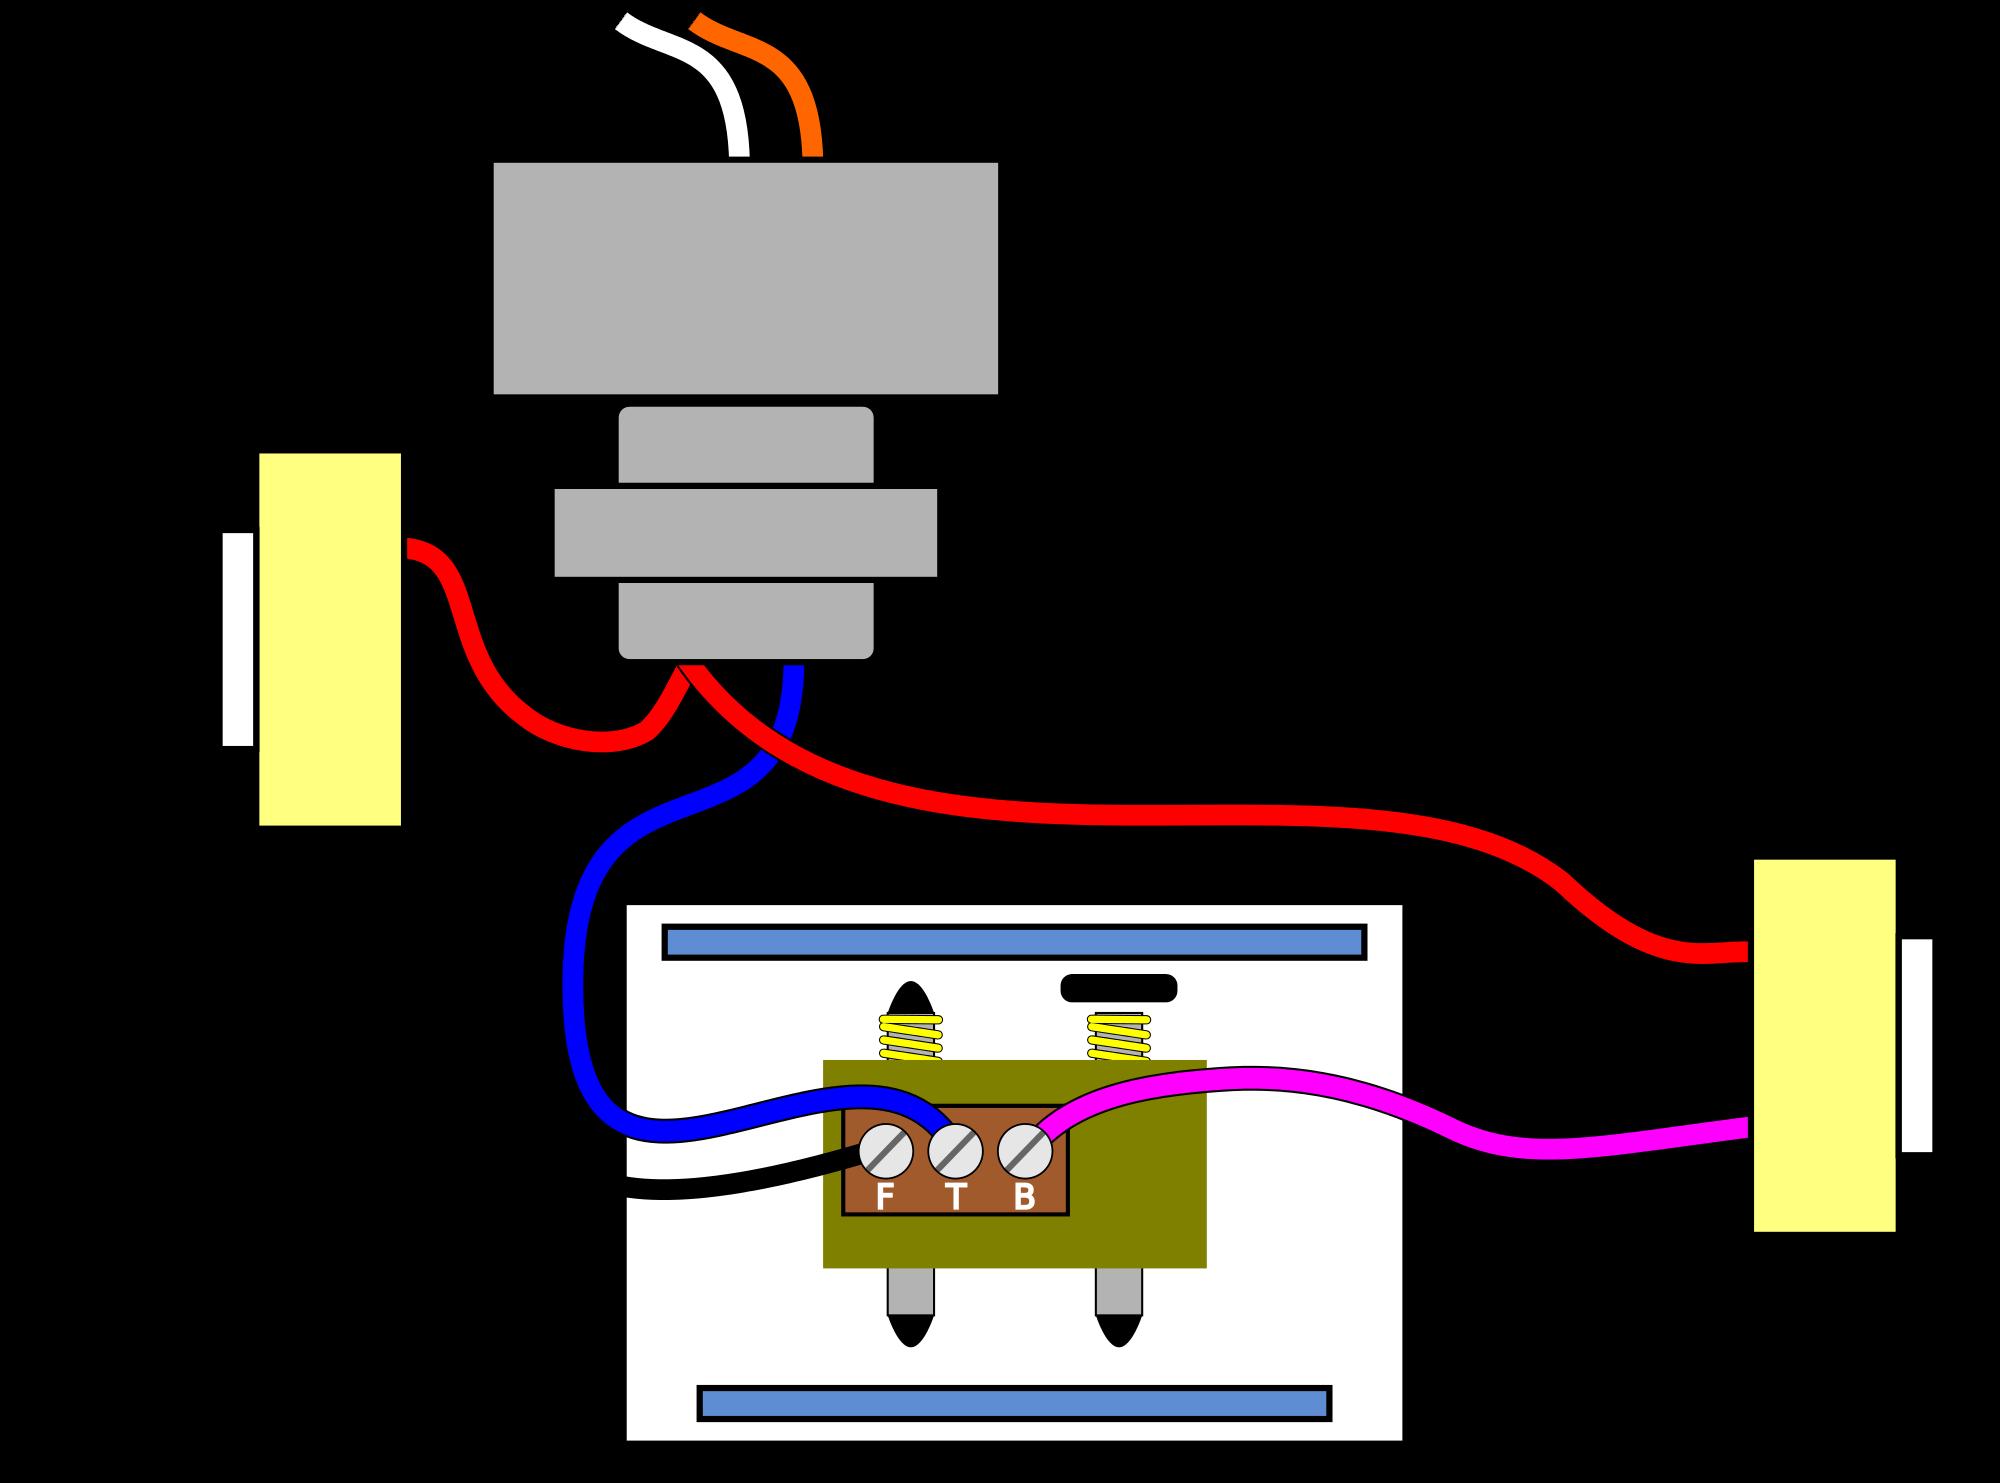 hight resolution of doorbell wiring pictorial diagram eee